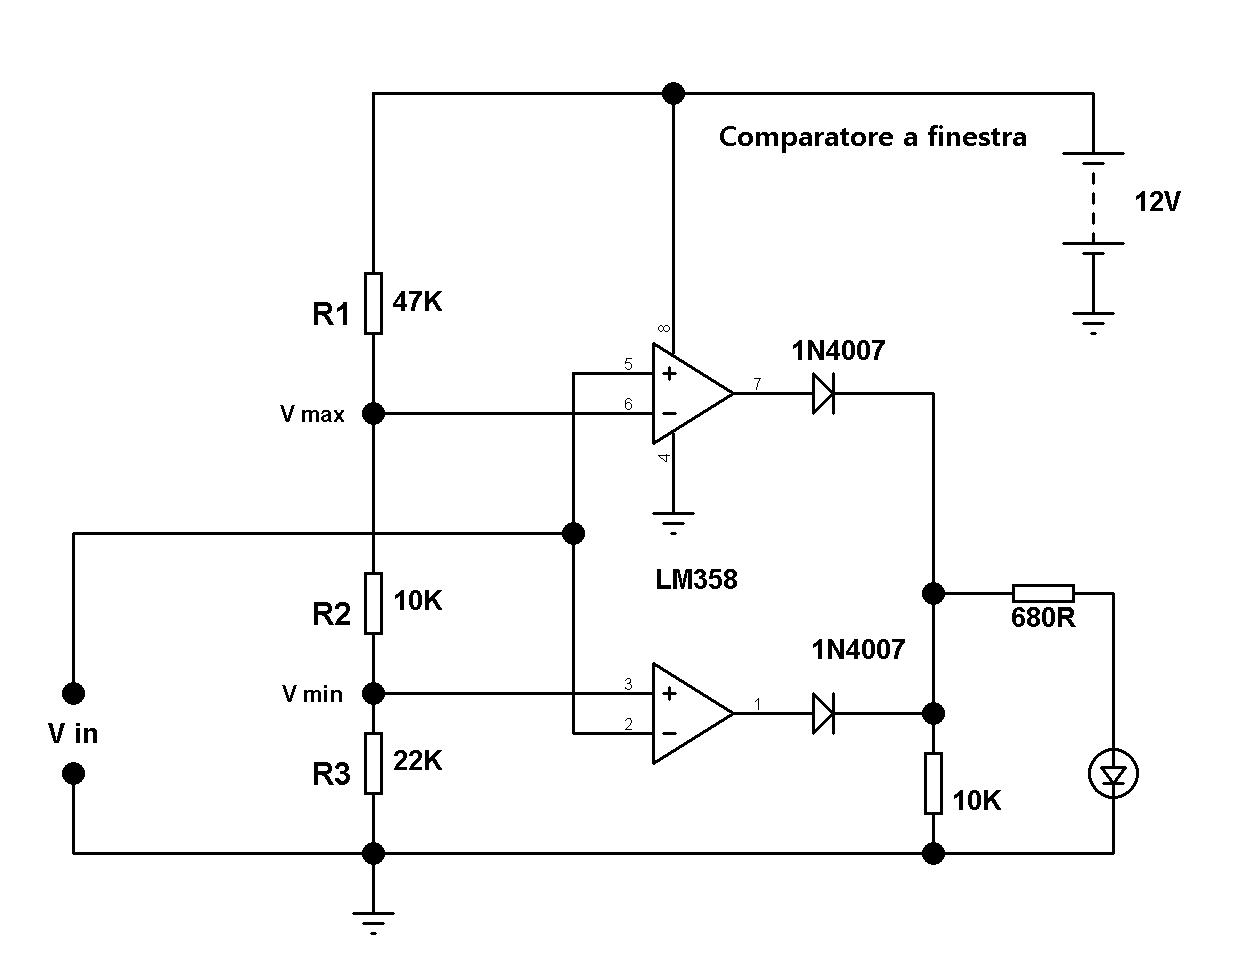 Comparatore di tensione con operazionale mariodenichilo - Comparatore a finestra ...